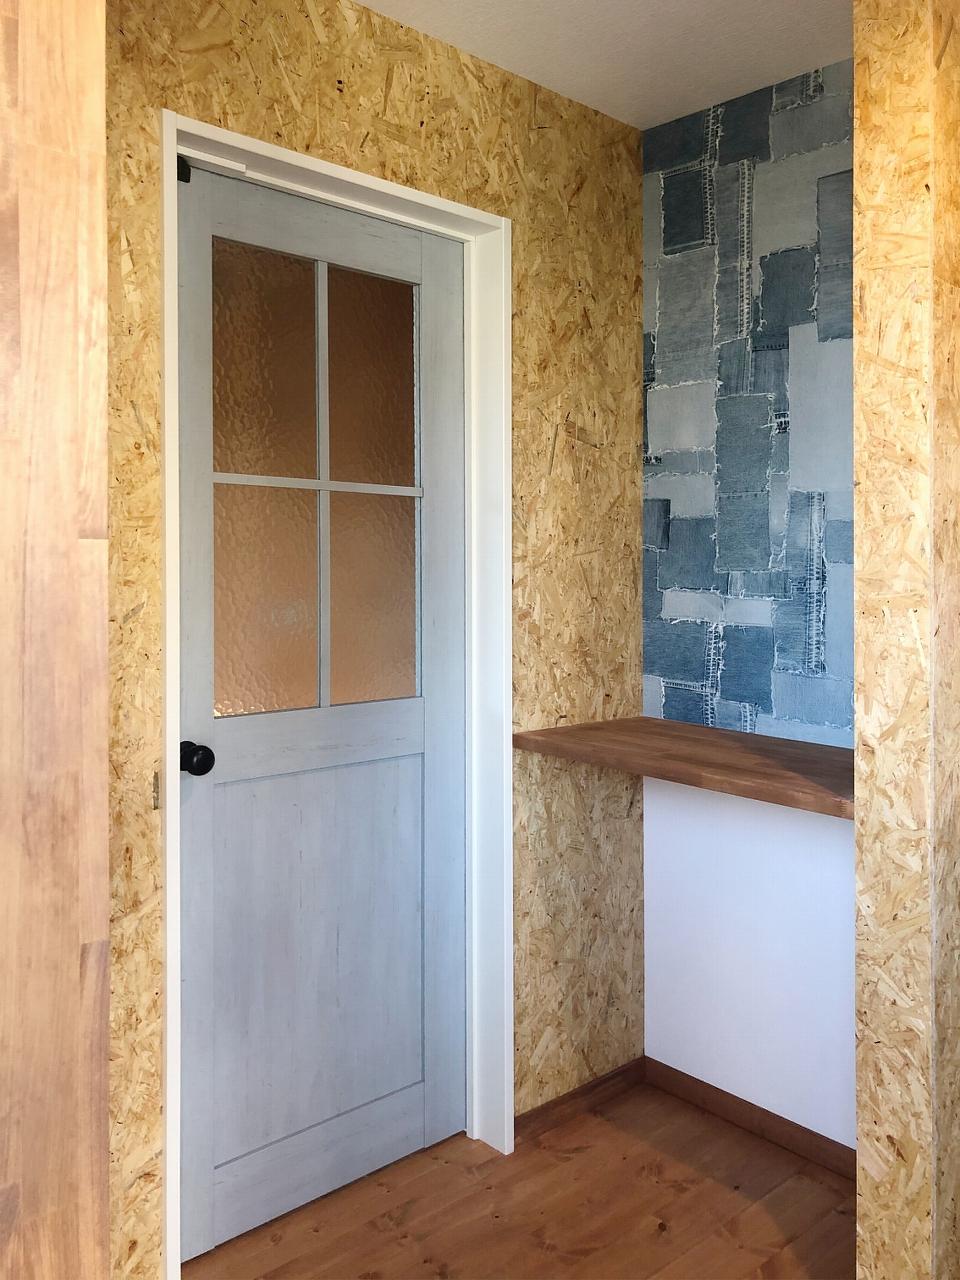 ビンテージ調の可愛らしいドアが、ご家族の帰りを毎日あたたかく迎えます。